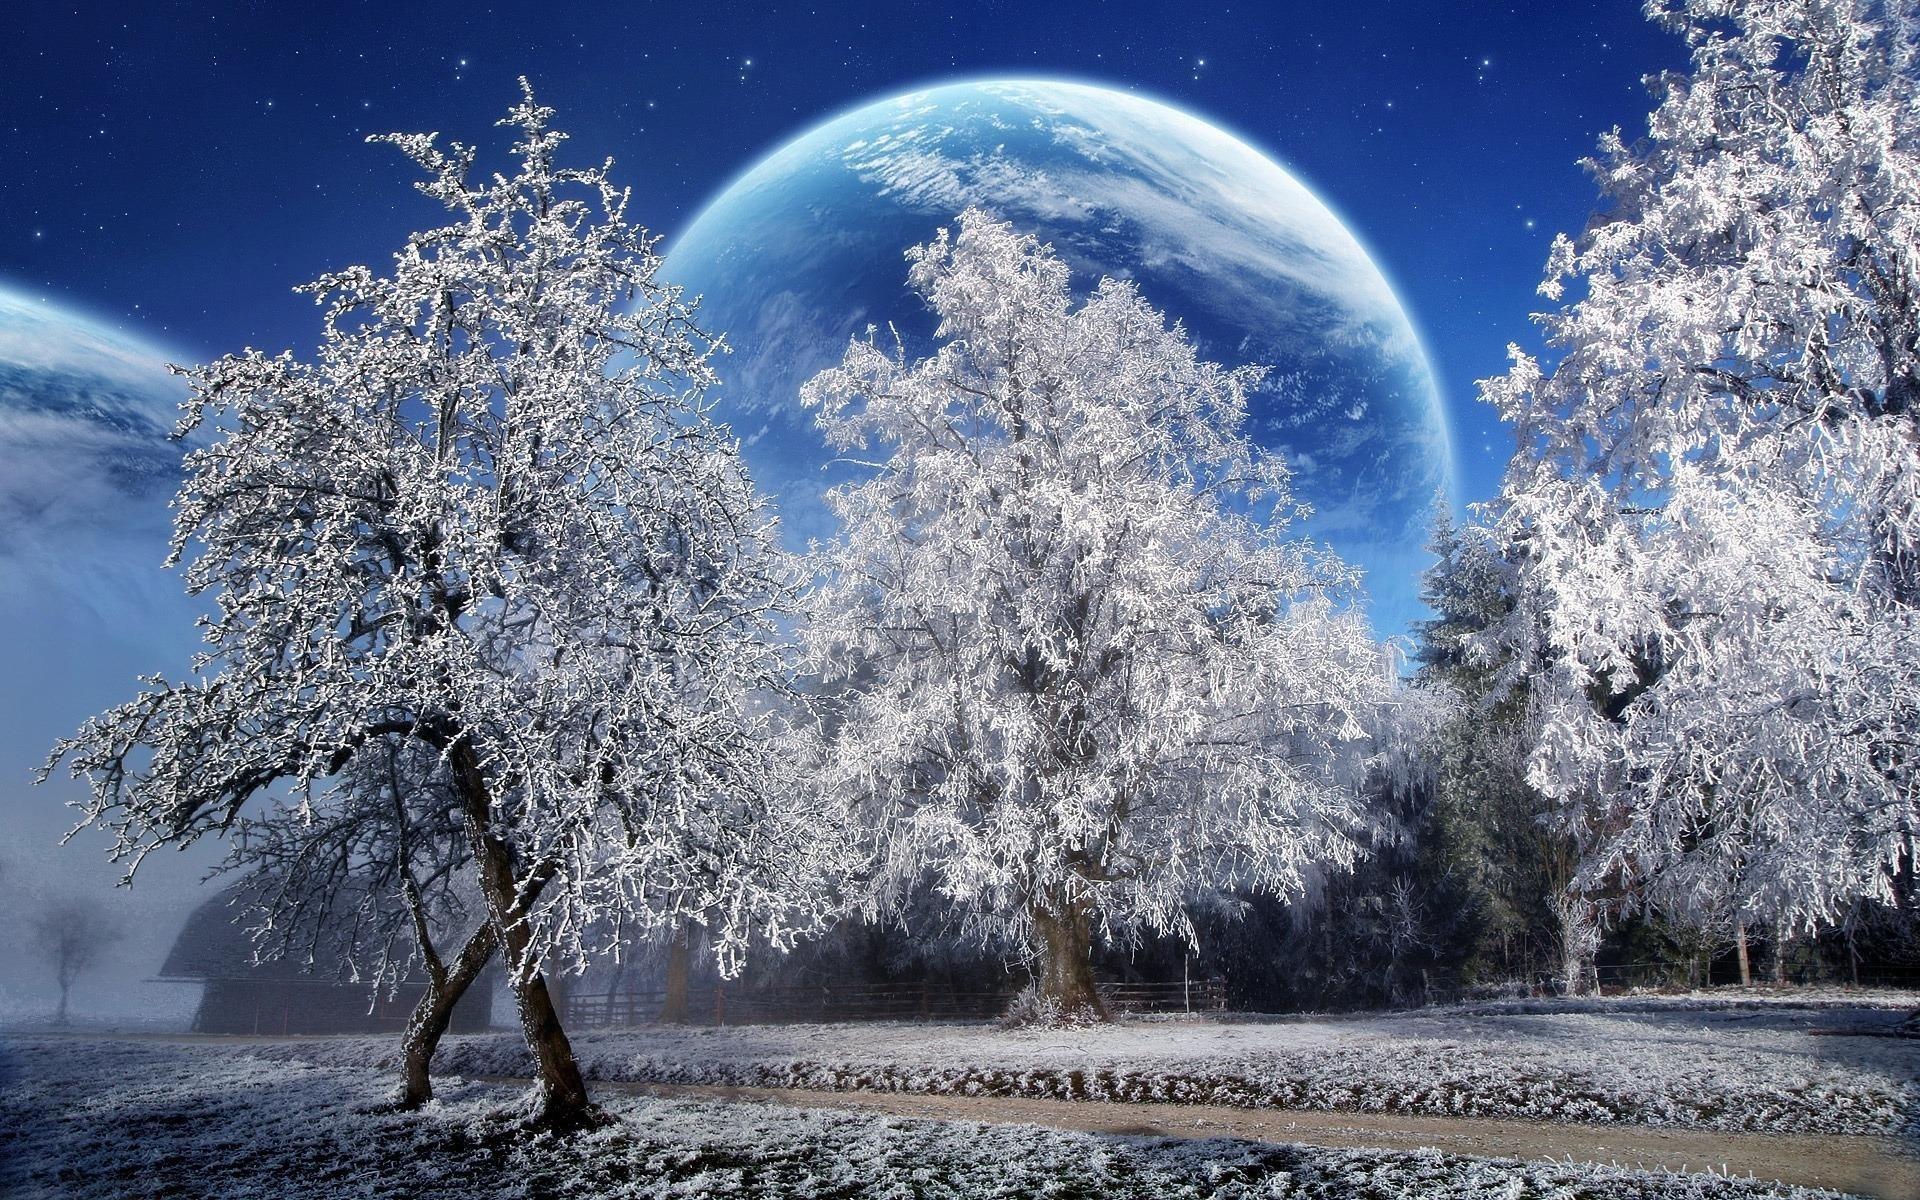 красивые картинки хорошего качества про снег бамбуковой